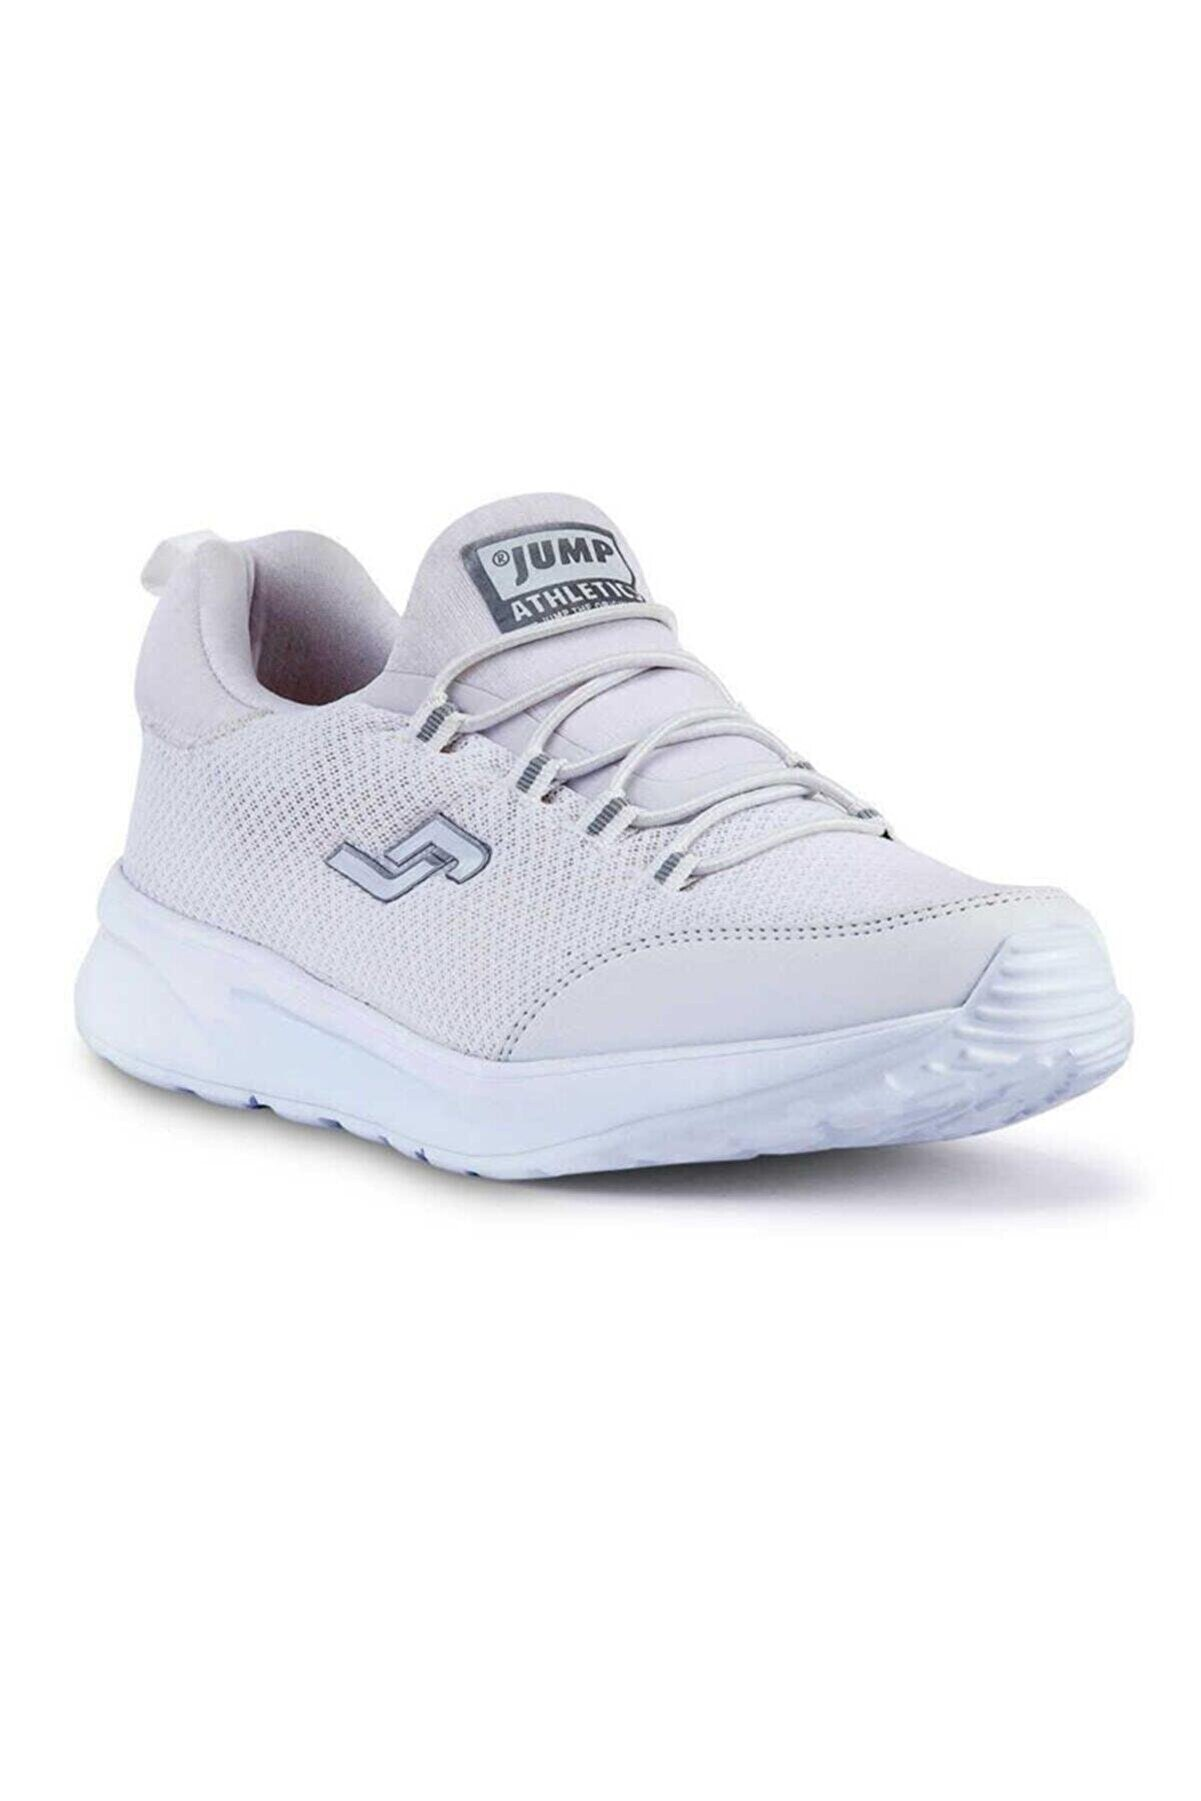 Jump 21135 Beyaz Erkek Spor Ayakkabı